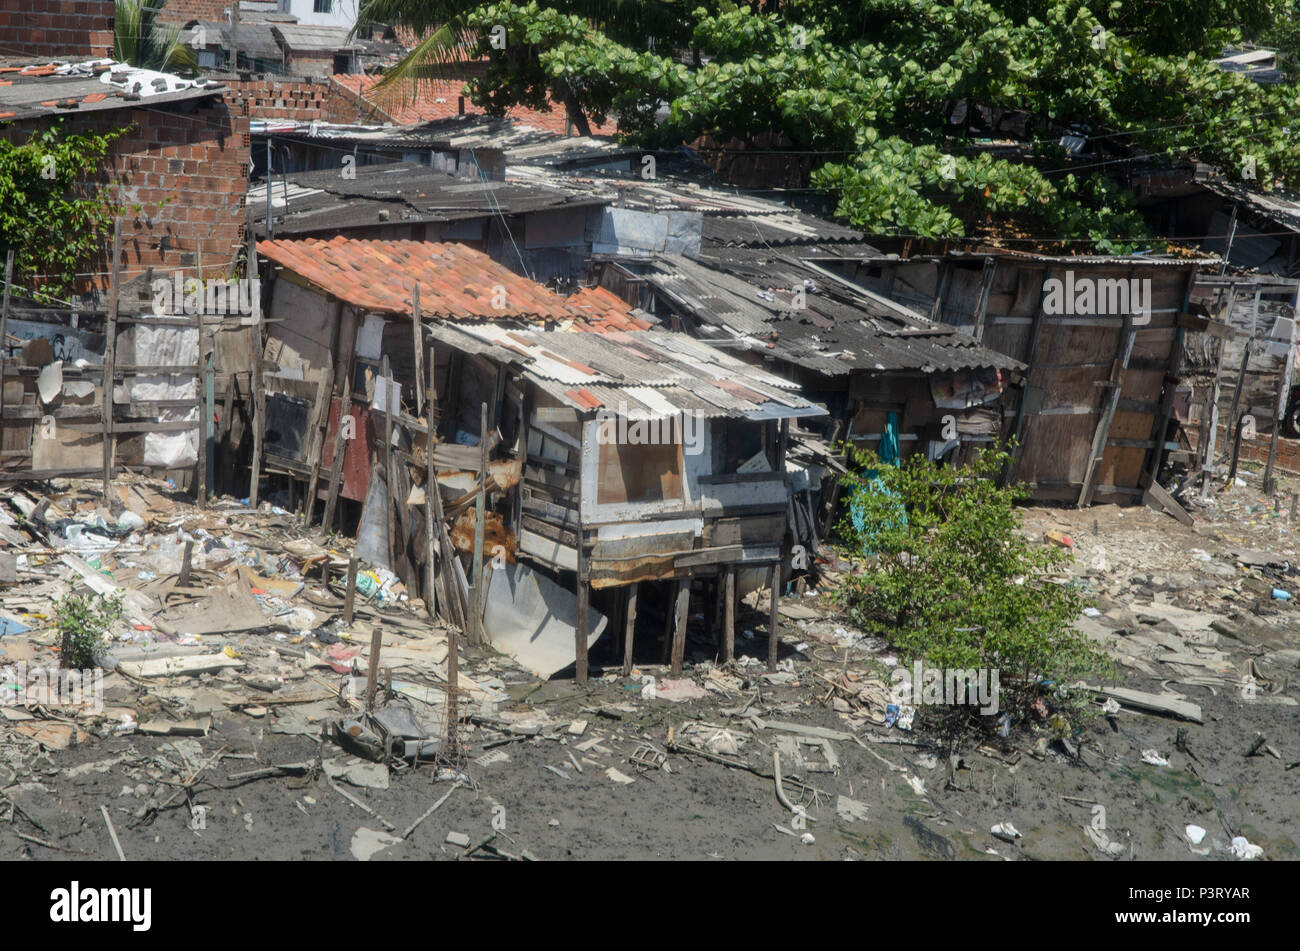 RECIFE, PE - 10.10.2015: PALAFITAS EM COMUNIDADE CARENTE - Palafitas na Favela tun Coque, wie margens rio Capibaribe tun. (Foto: Diego Herculano/Fotoarena) Stockfoto